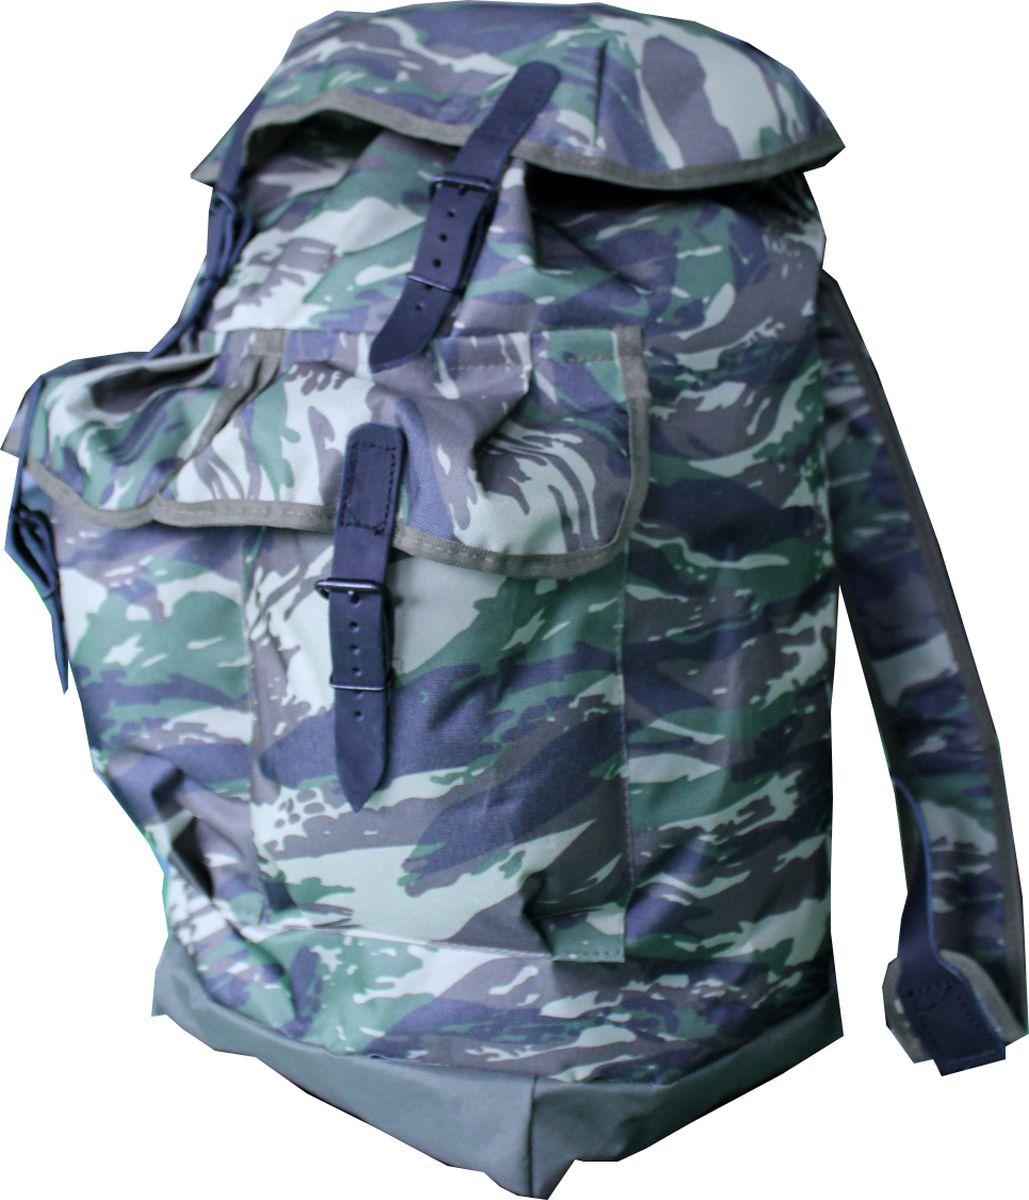 Рюкзак туристический Каприкорн Таежный У, 40 л ostin рюкзак с двумя карманами